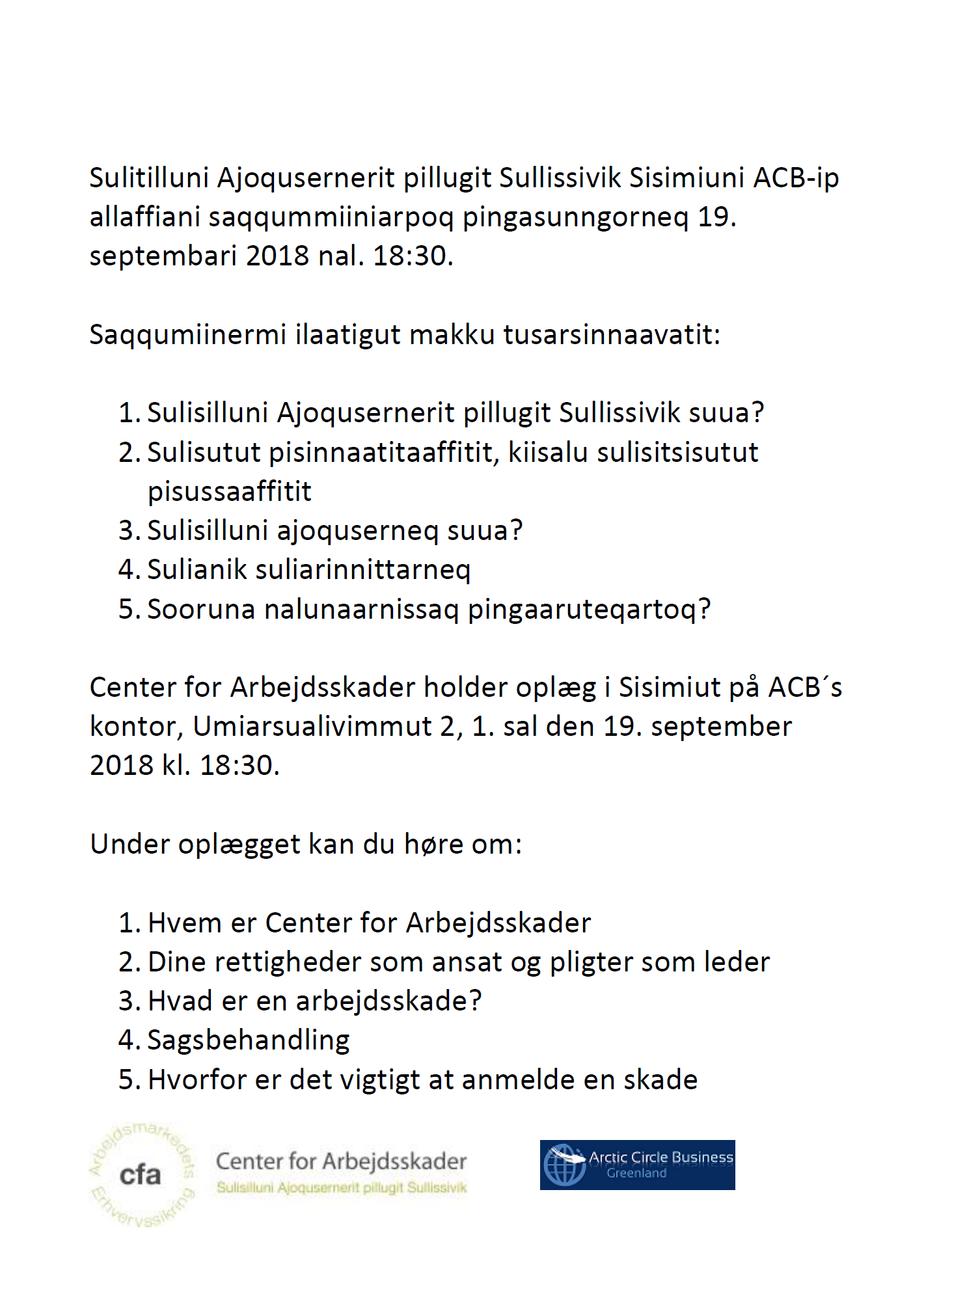 Aallarnisaasunut unnussiuaartitsineq: cfa paasititsiniaalerpoq / Iværksætteraften: cfa holder oplæg